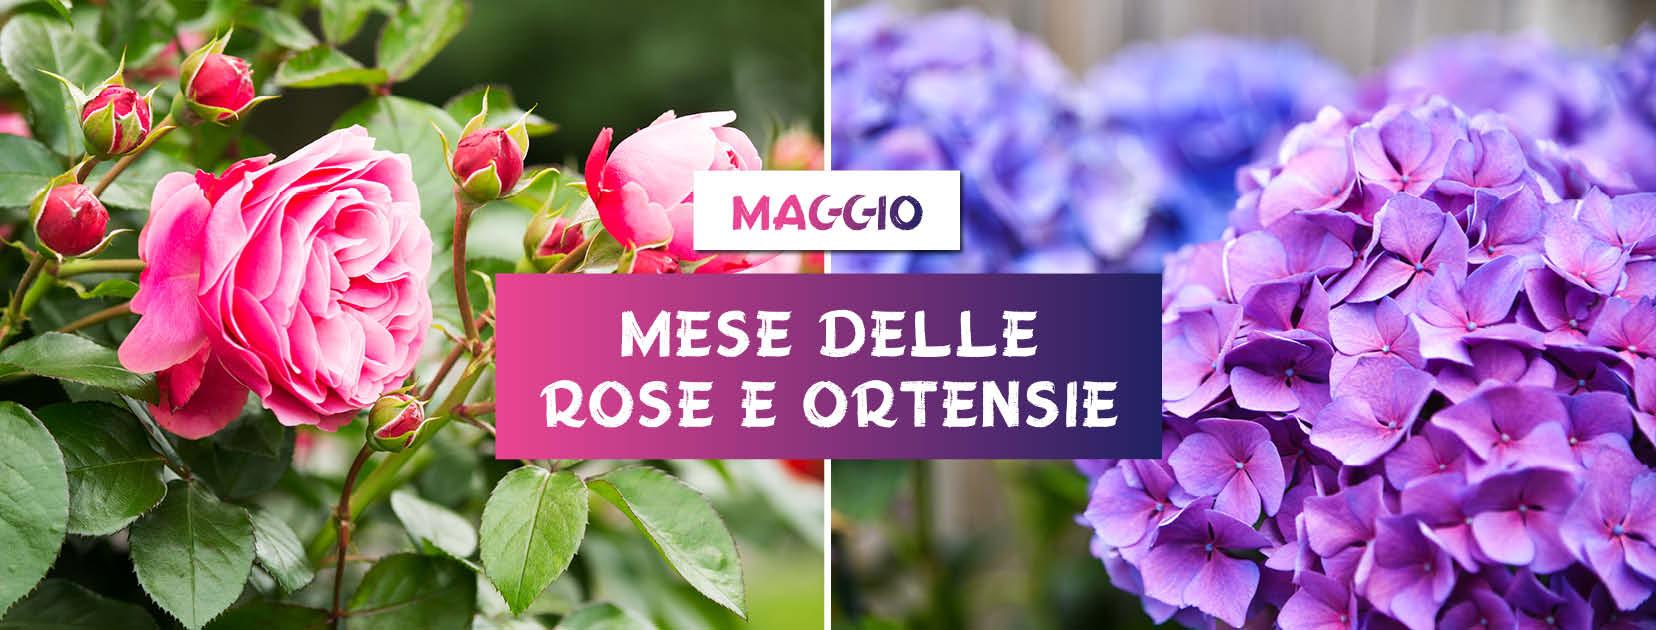 Maggio: Mese delle rose e delle ortensie